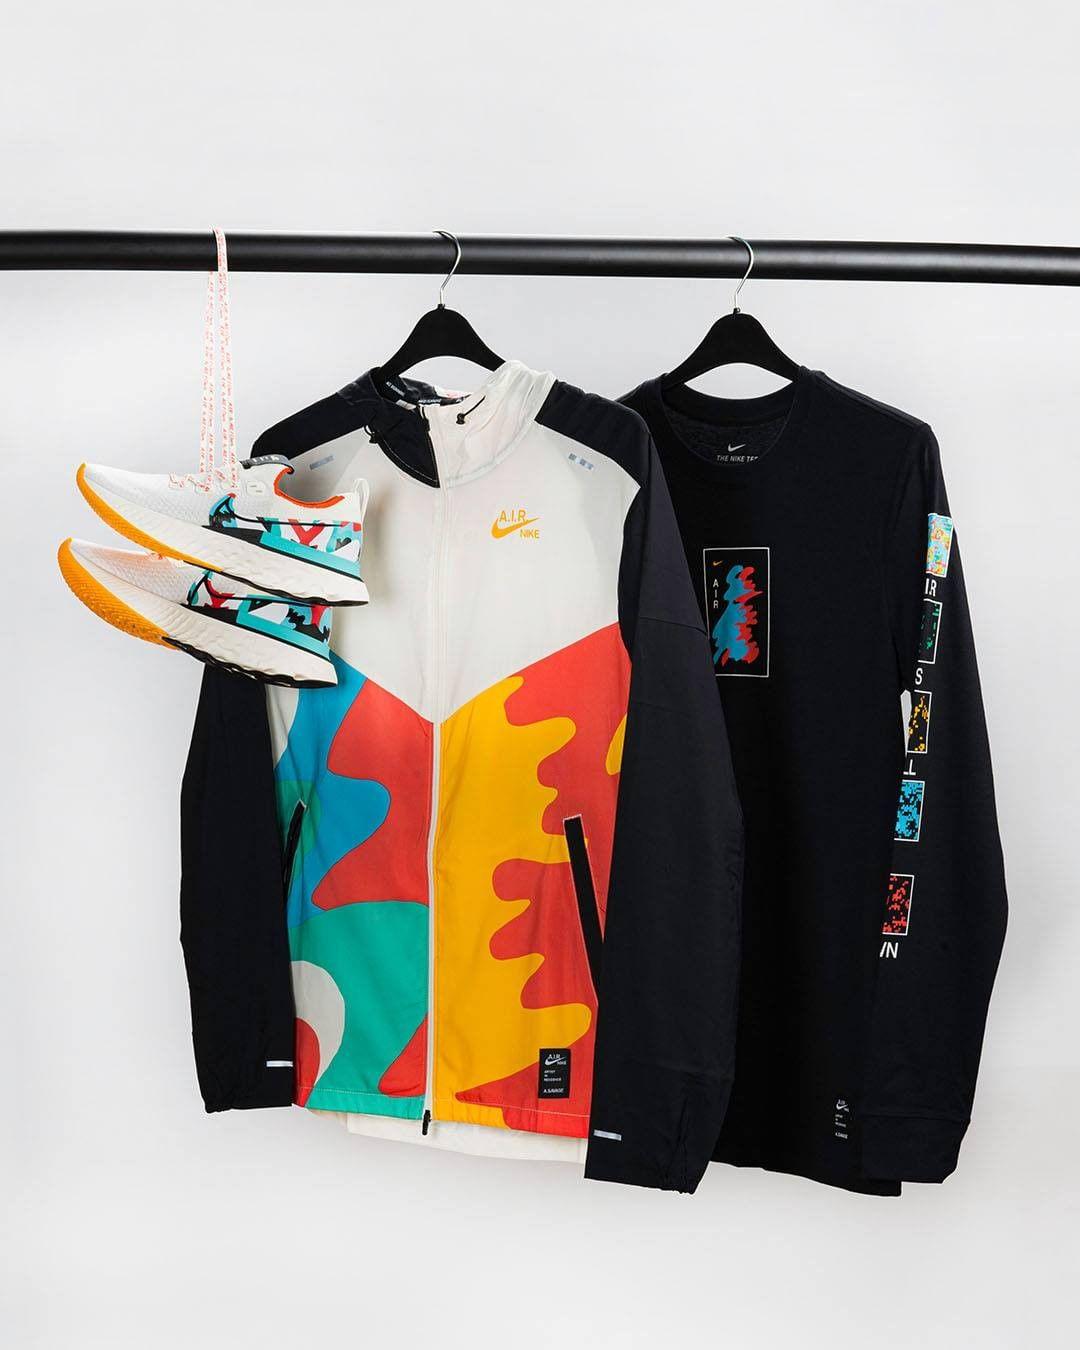 Nouvelle collection A.I.R. de Nike par l'artiste A. Savage